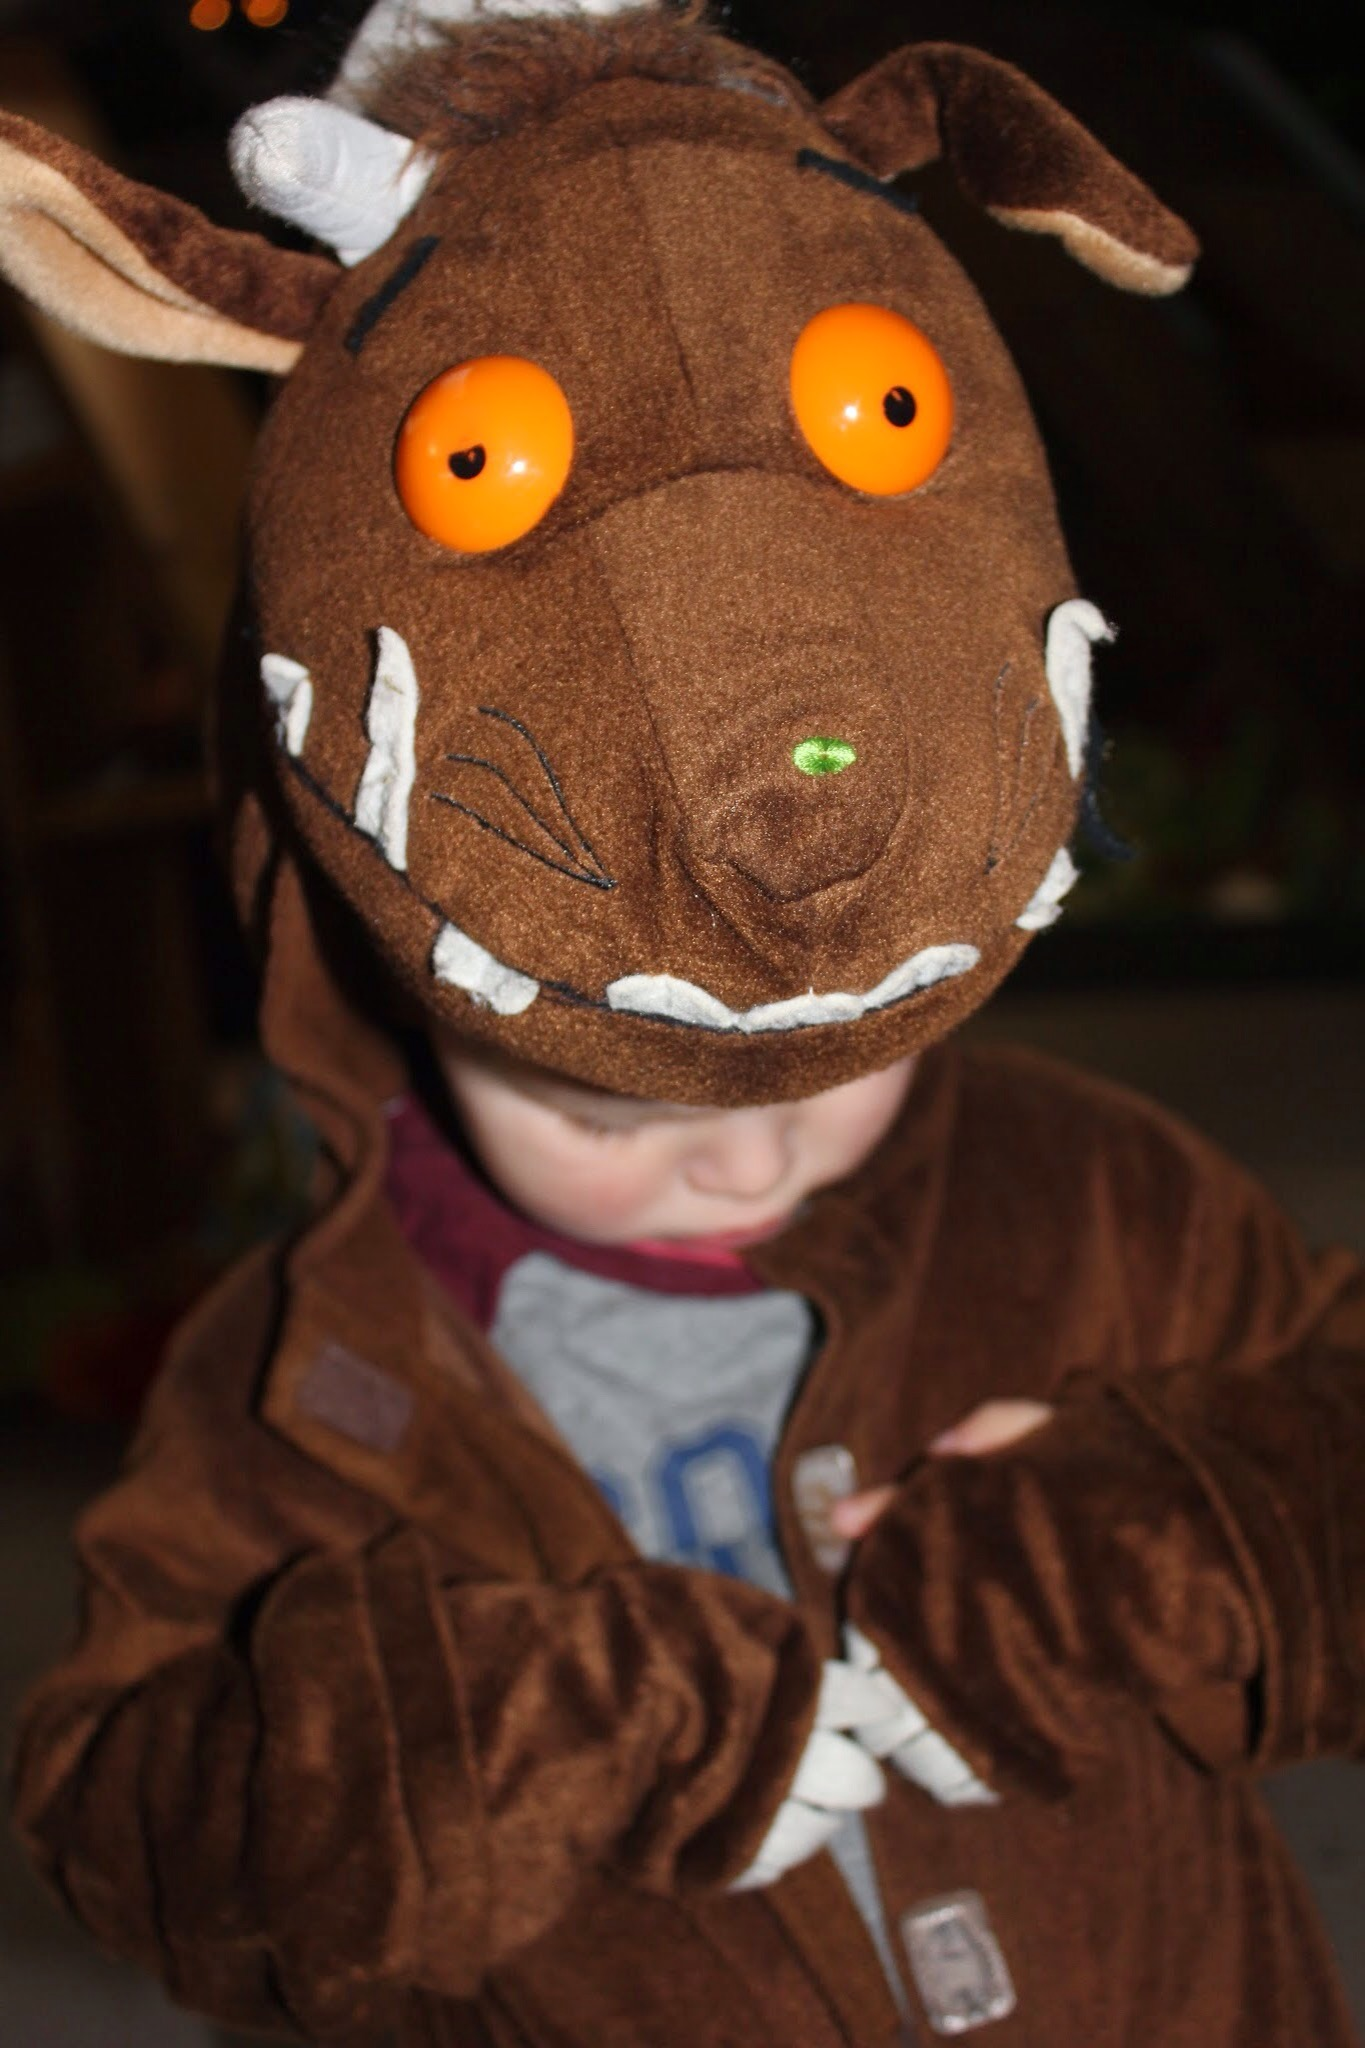 boy dressed as gruffalo